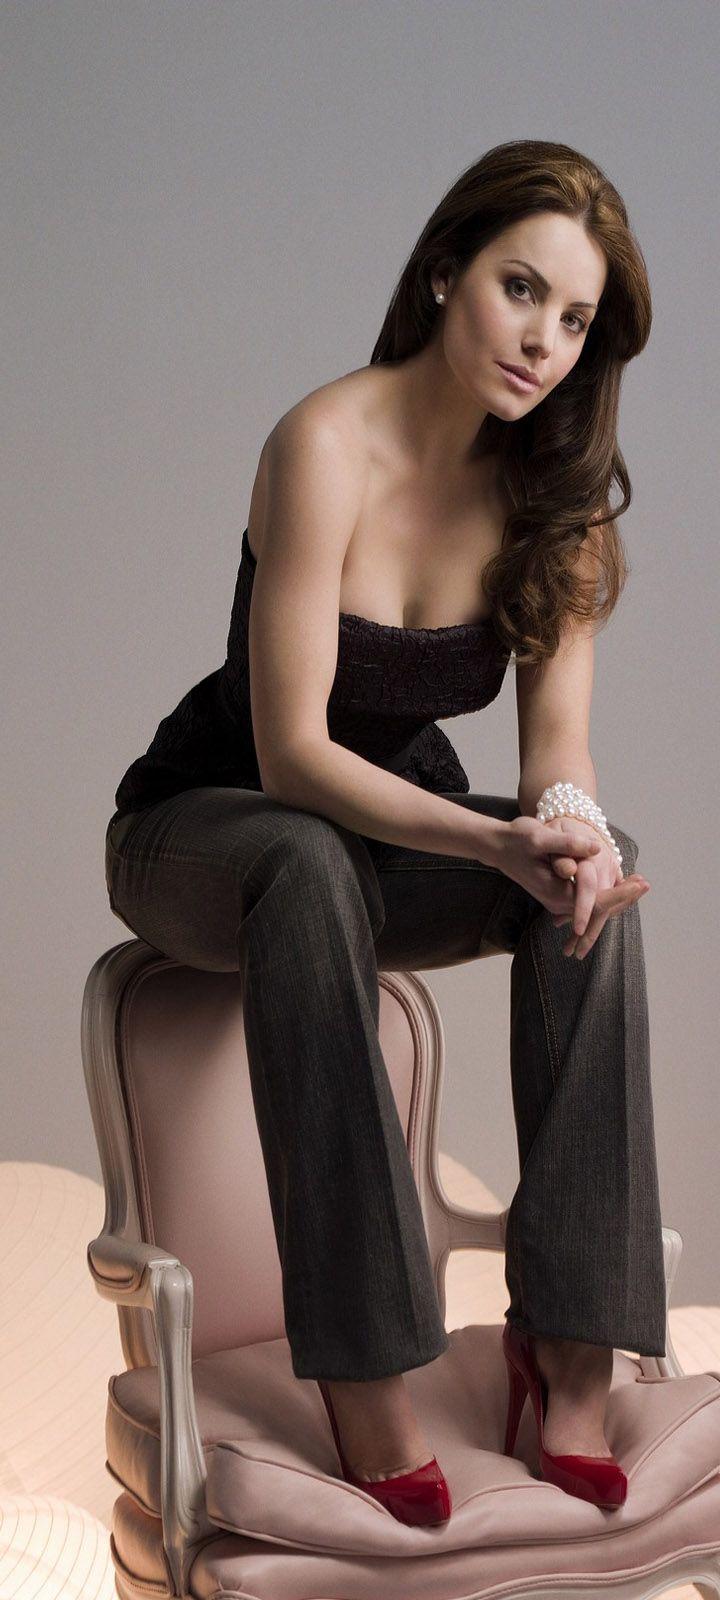 Latina big butt pic